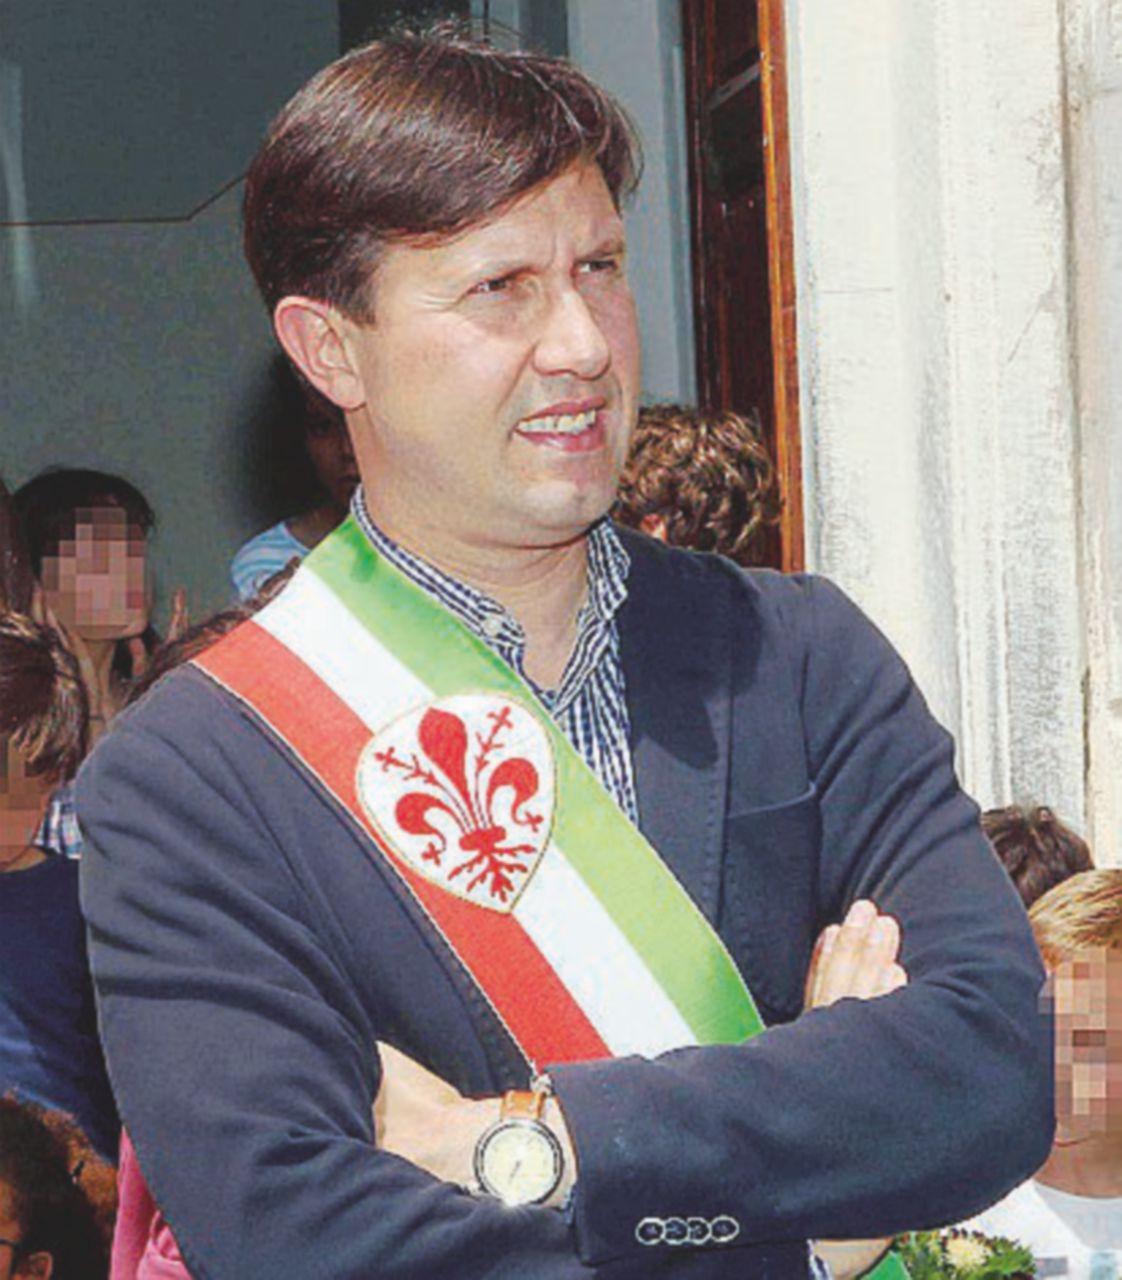 Cantone indaga sull'assunzione di Nardella